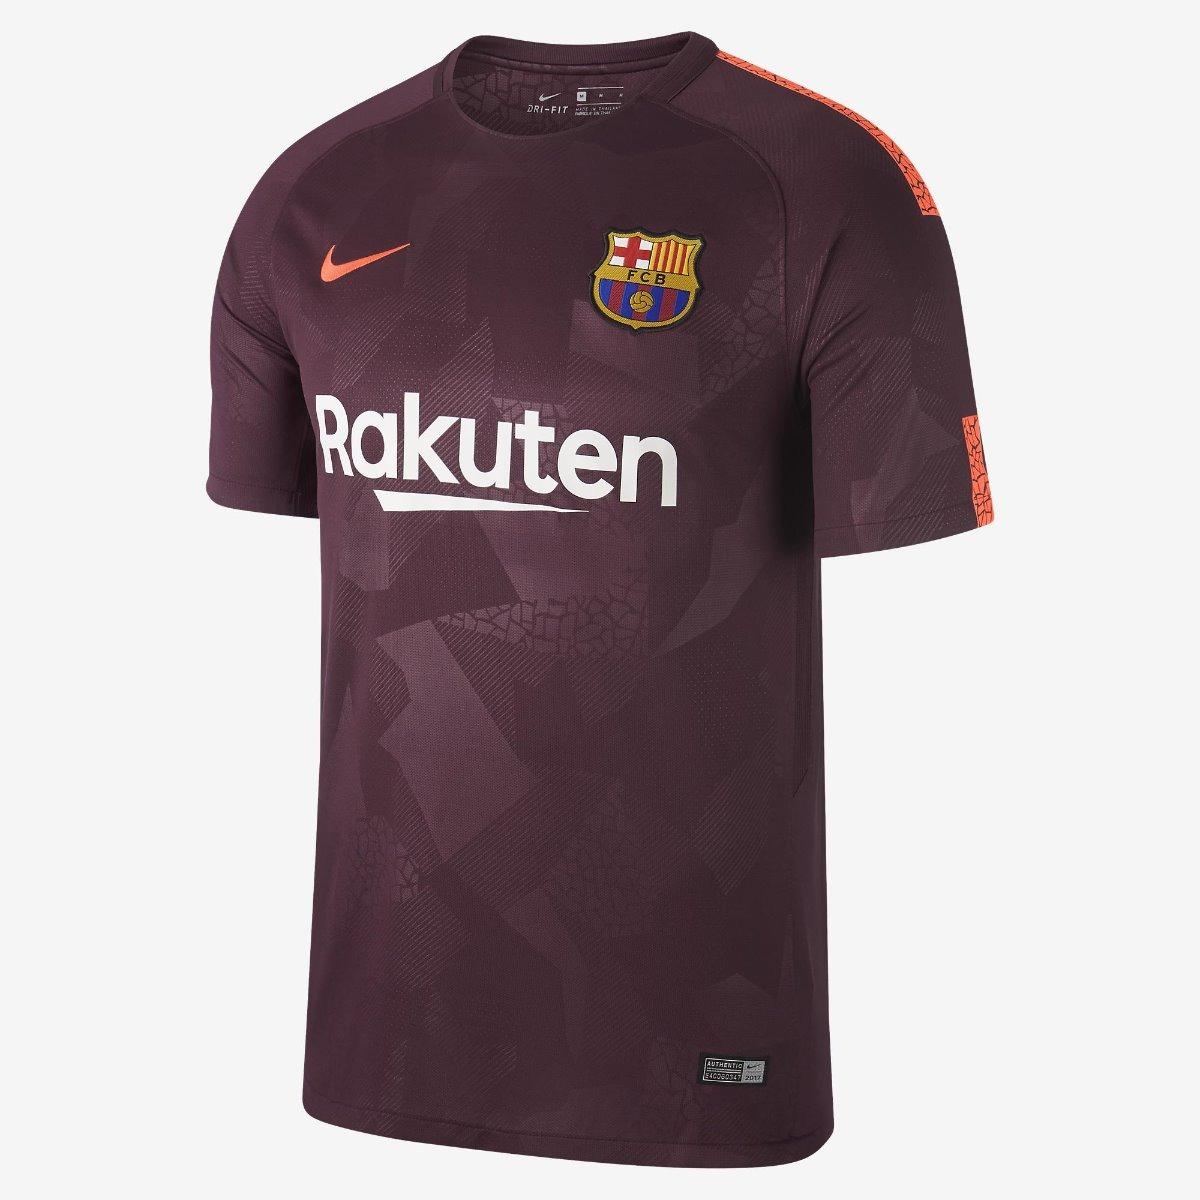 6a40bf2e6f camisa nike barcelona 2017 2018 masculina original promoção. Carregando  zoom.